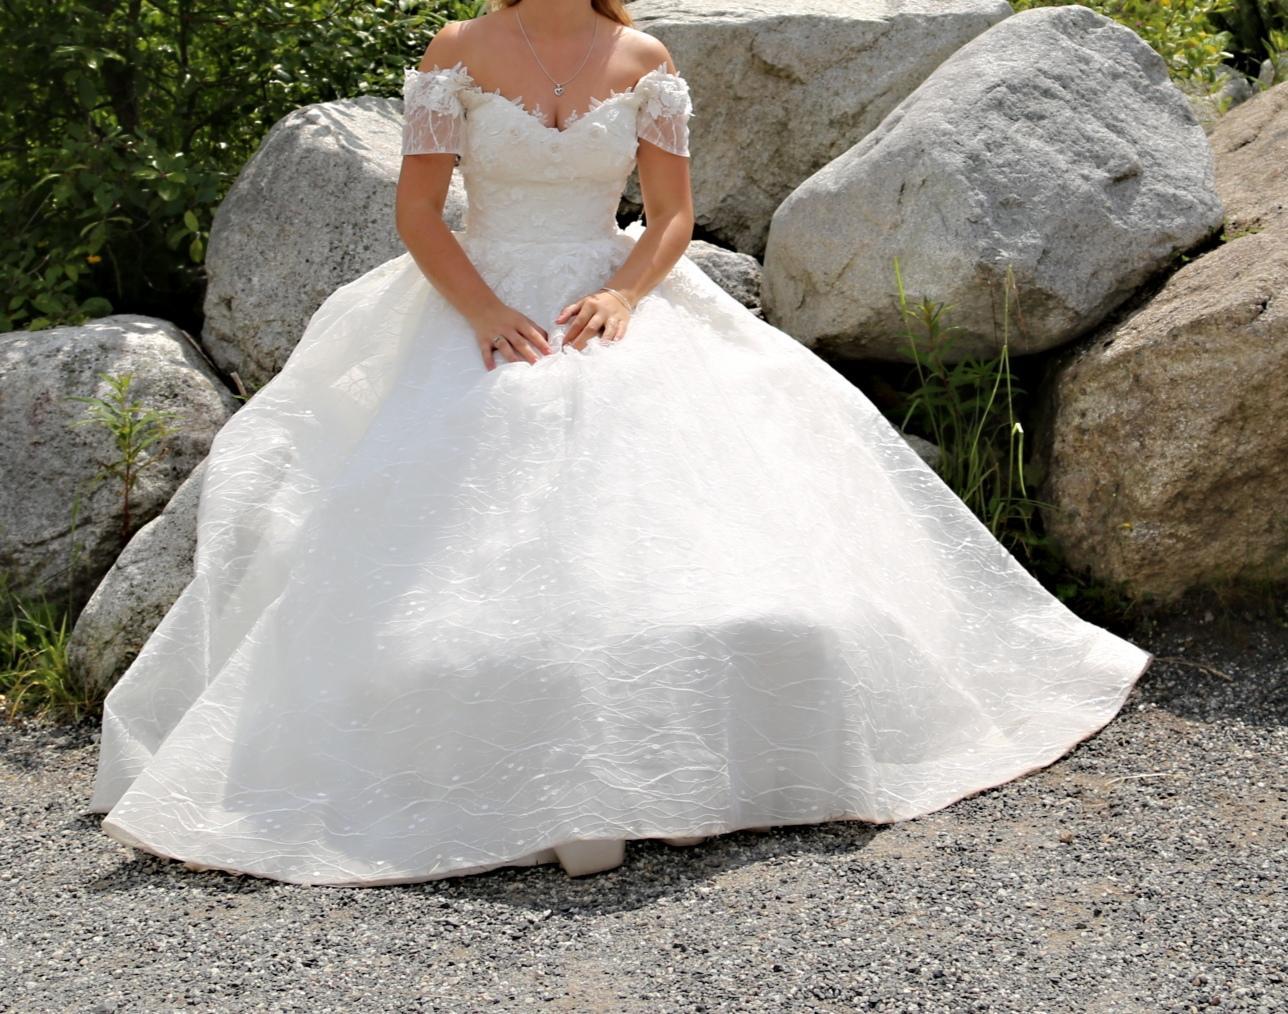 Predám svadobné šaty veľkosti... - Obrázok č. 3